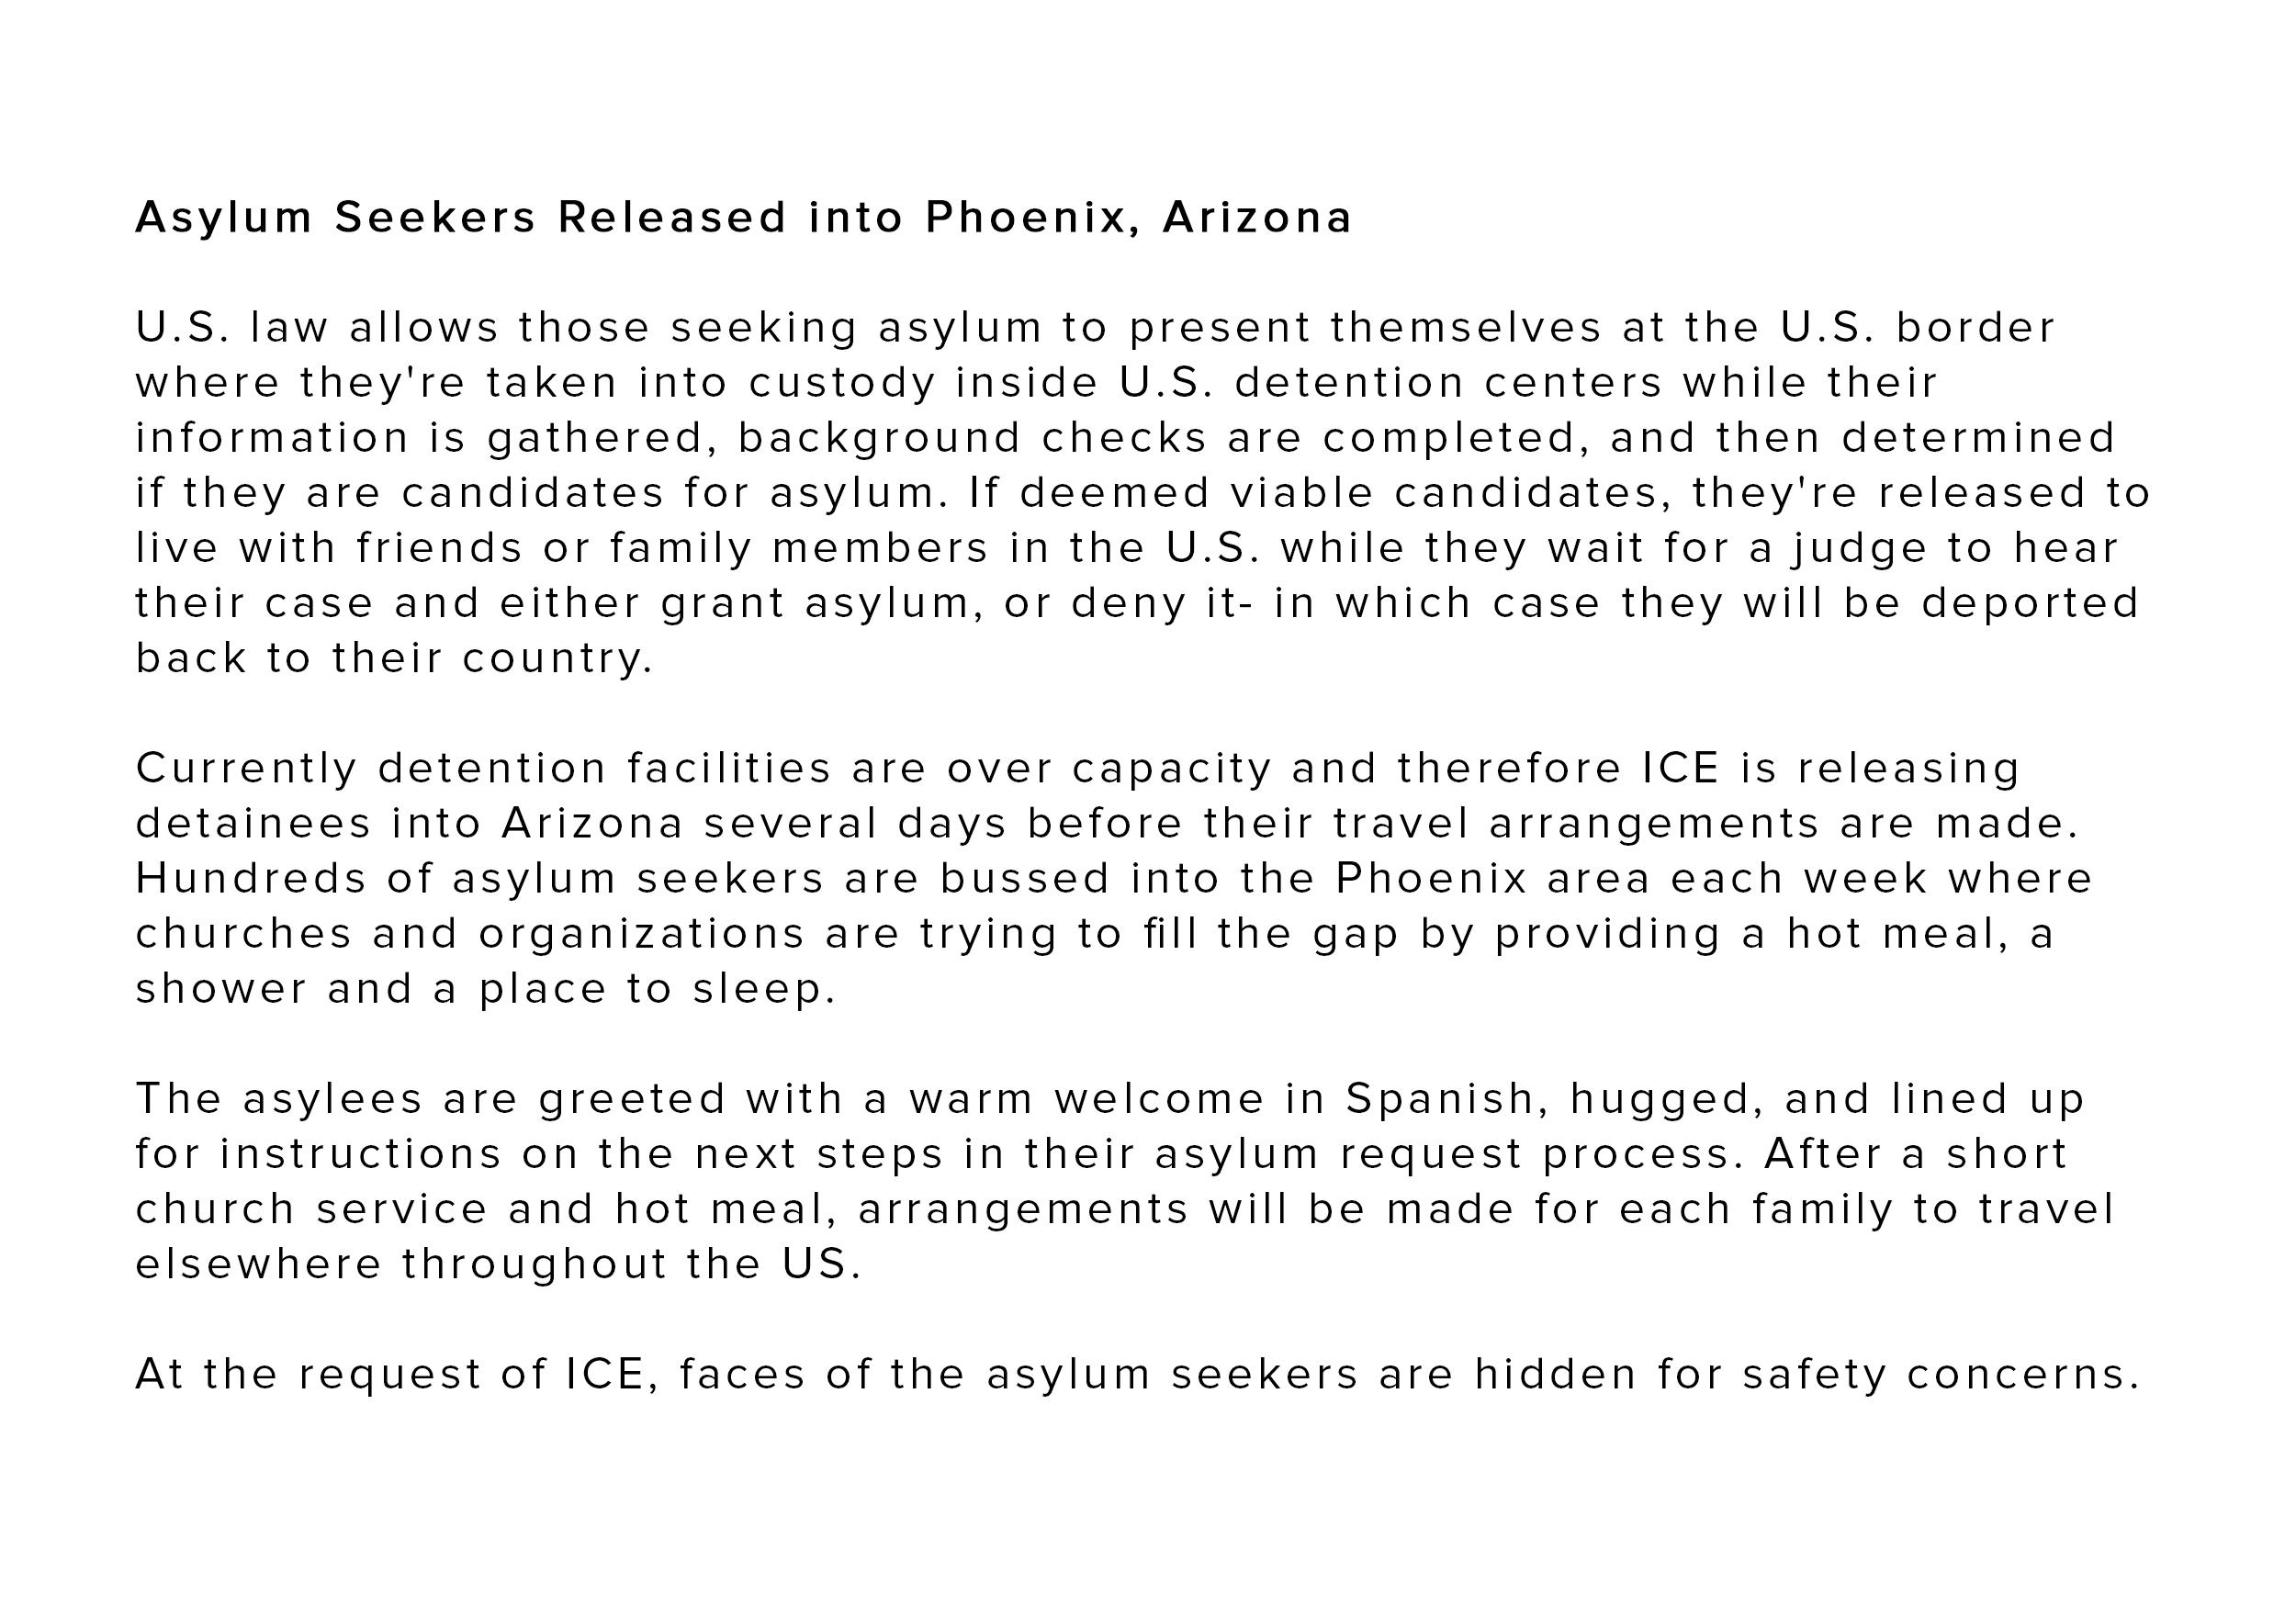 Asylum Seekers Text.jpg